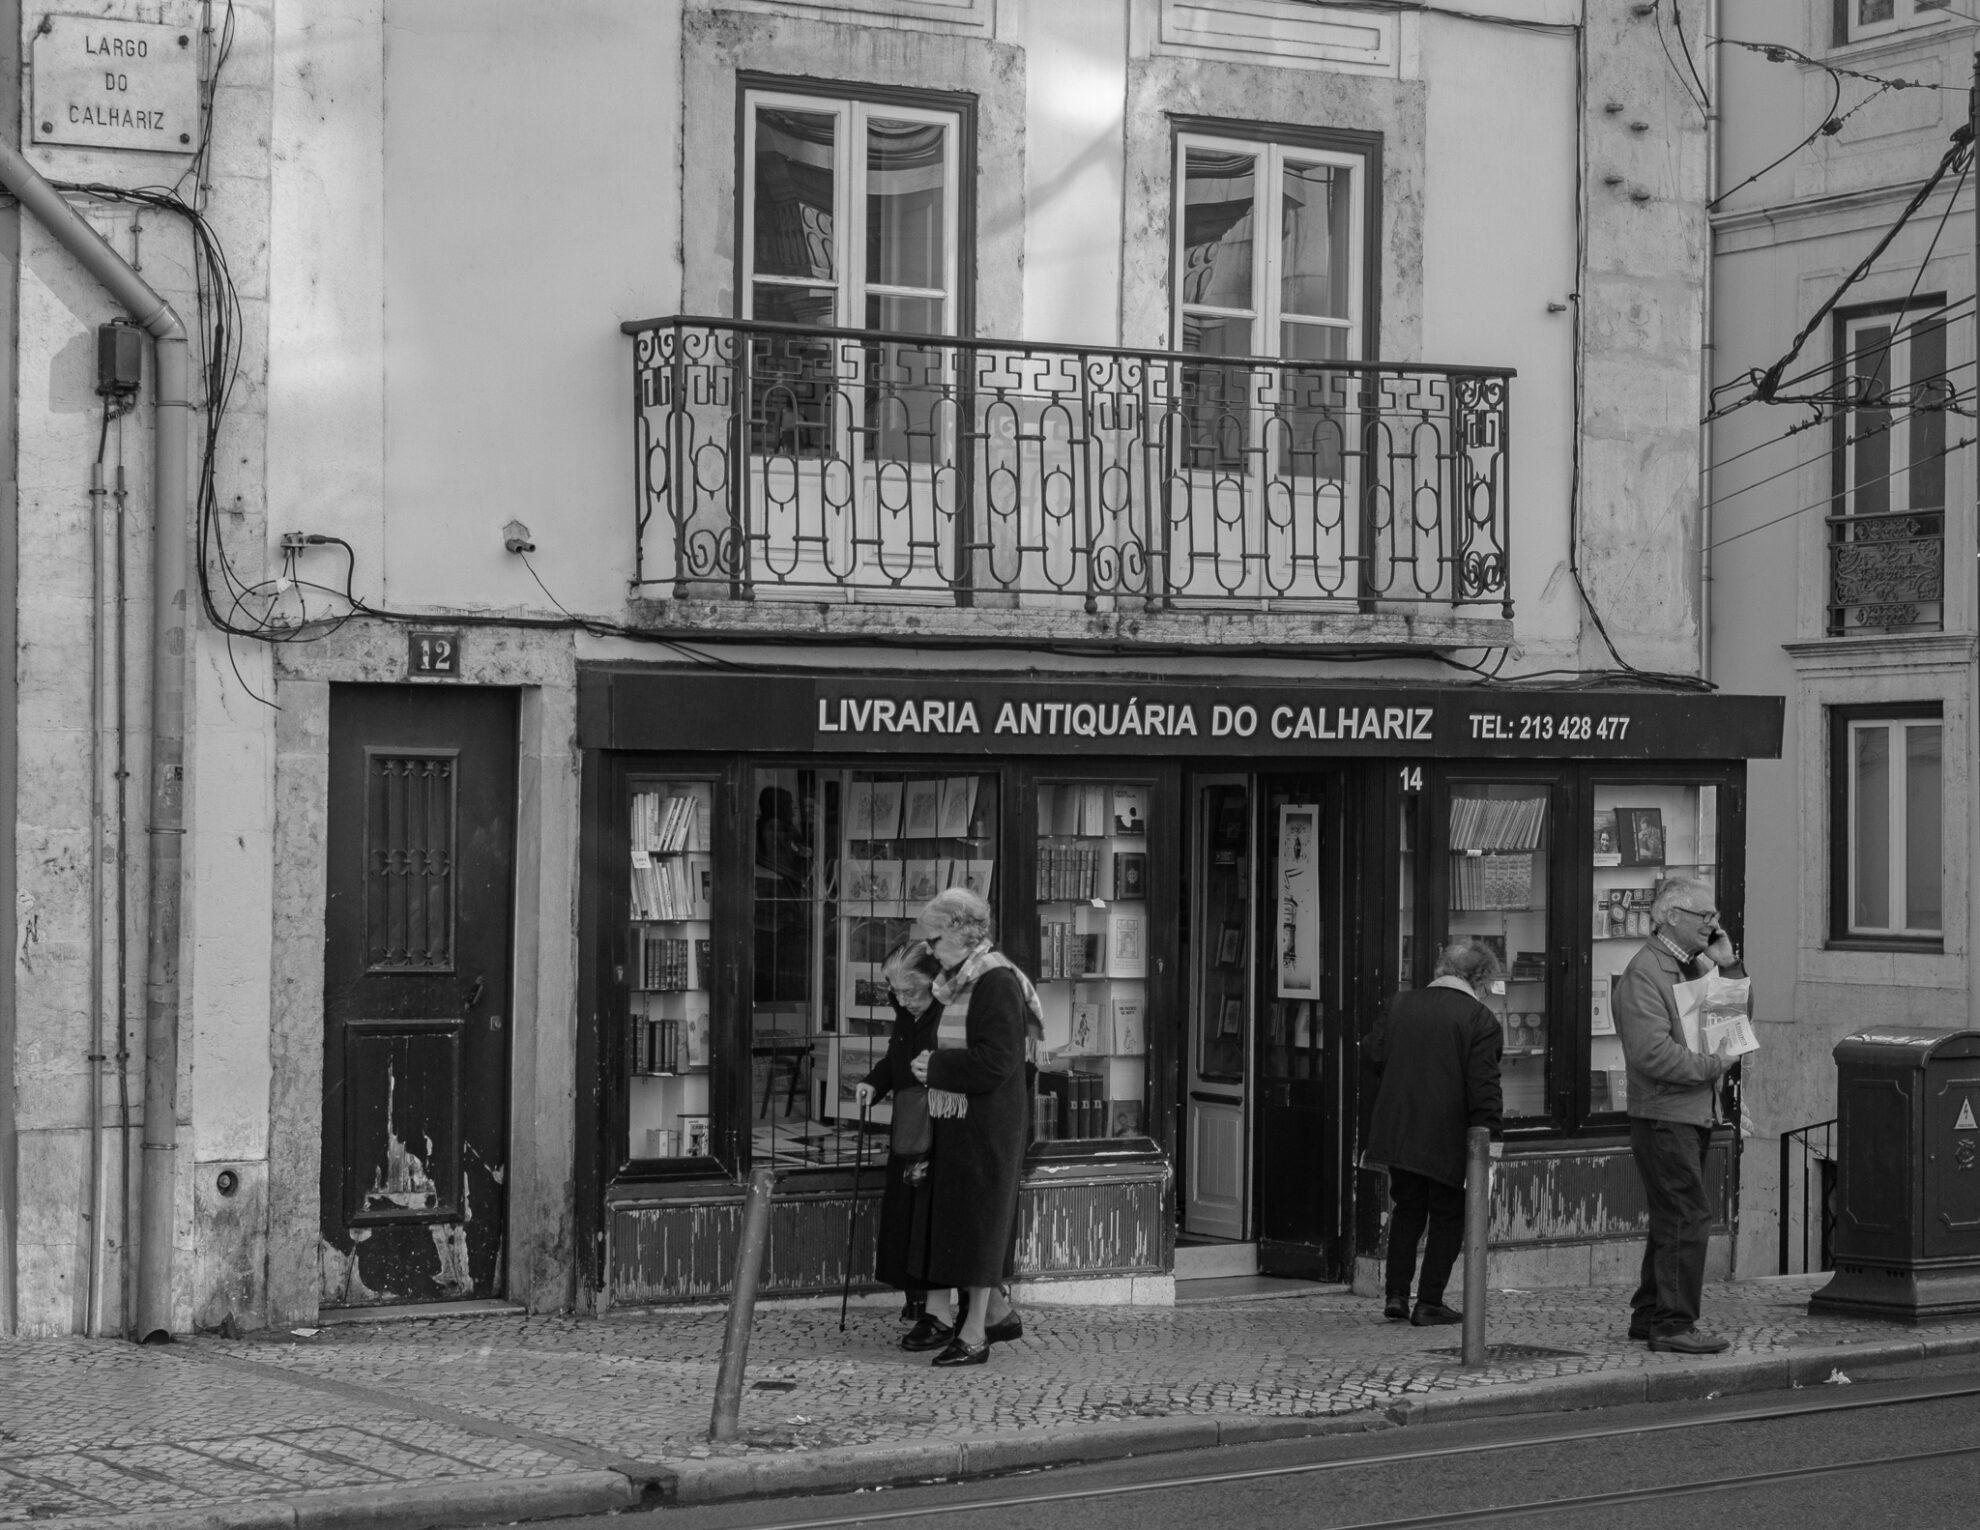 Eine Szene mit einigen älteren Menschen vor einer Antiquitäten-Buchhandlung in der Altstadt von Lissabon.